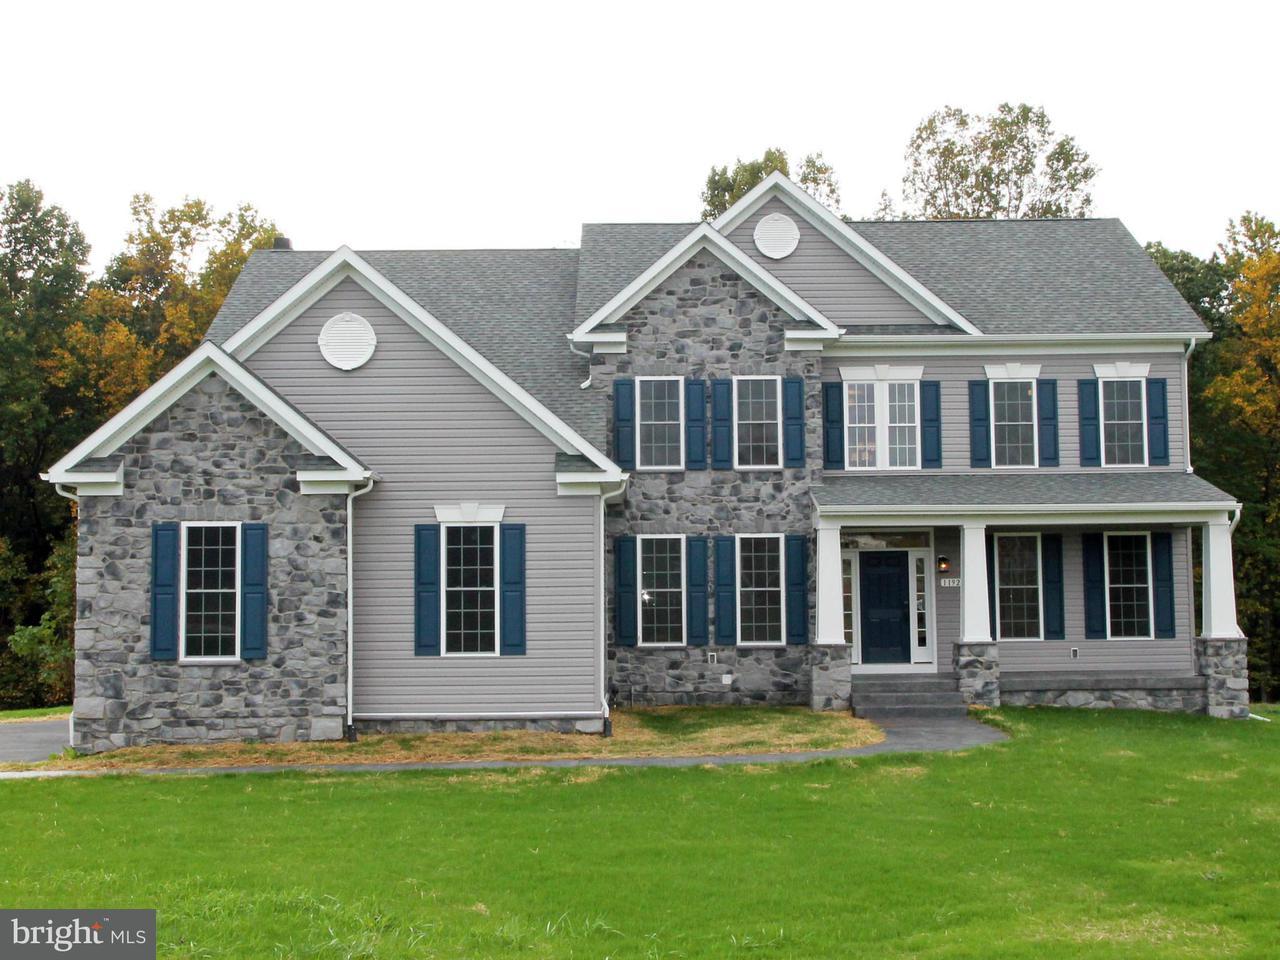 Casa Unifamiliar por un Venta en 2341 WALNUT SPRINGS Court 2341 WALNUT SPRINGS Court White Hall, Maryland 21161 Estados Unidos